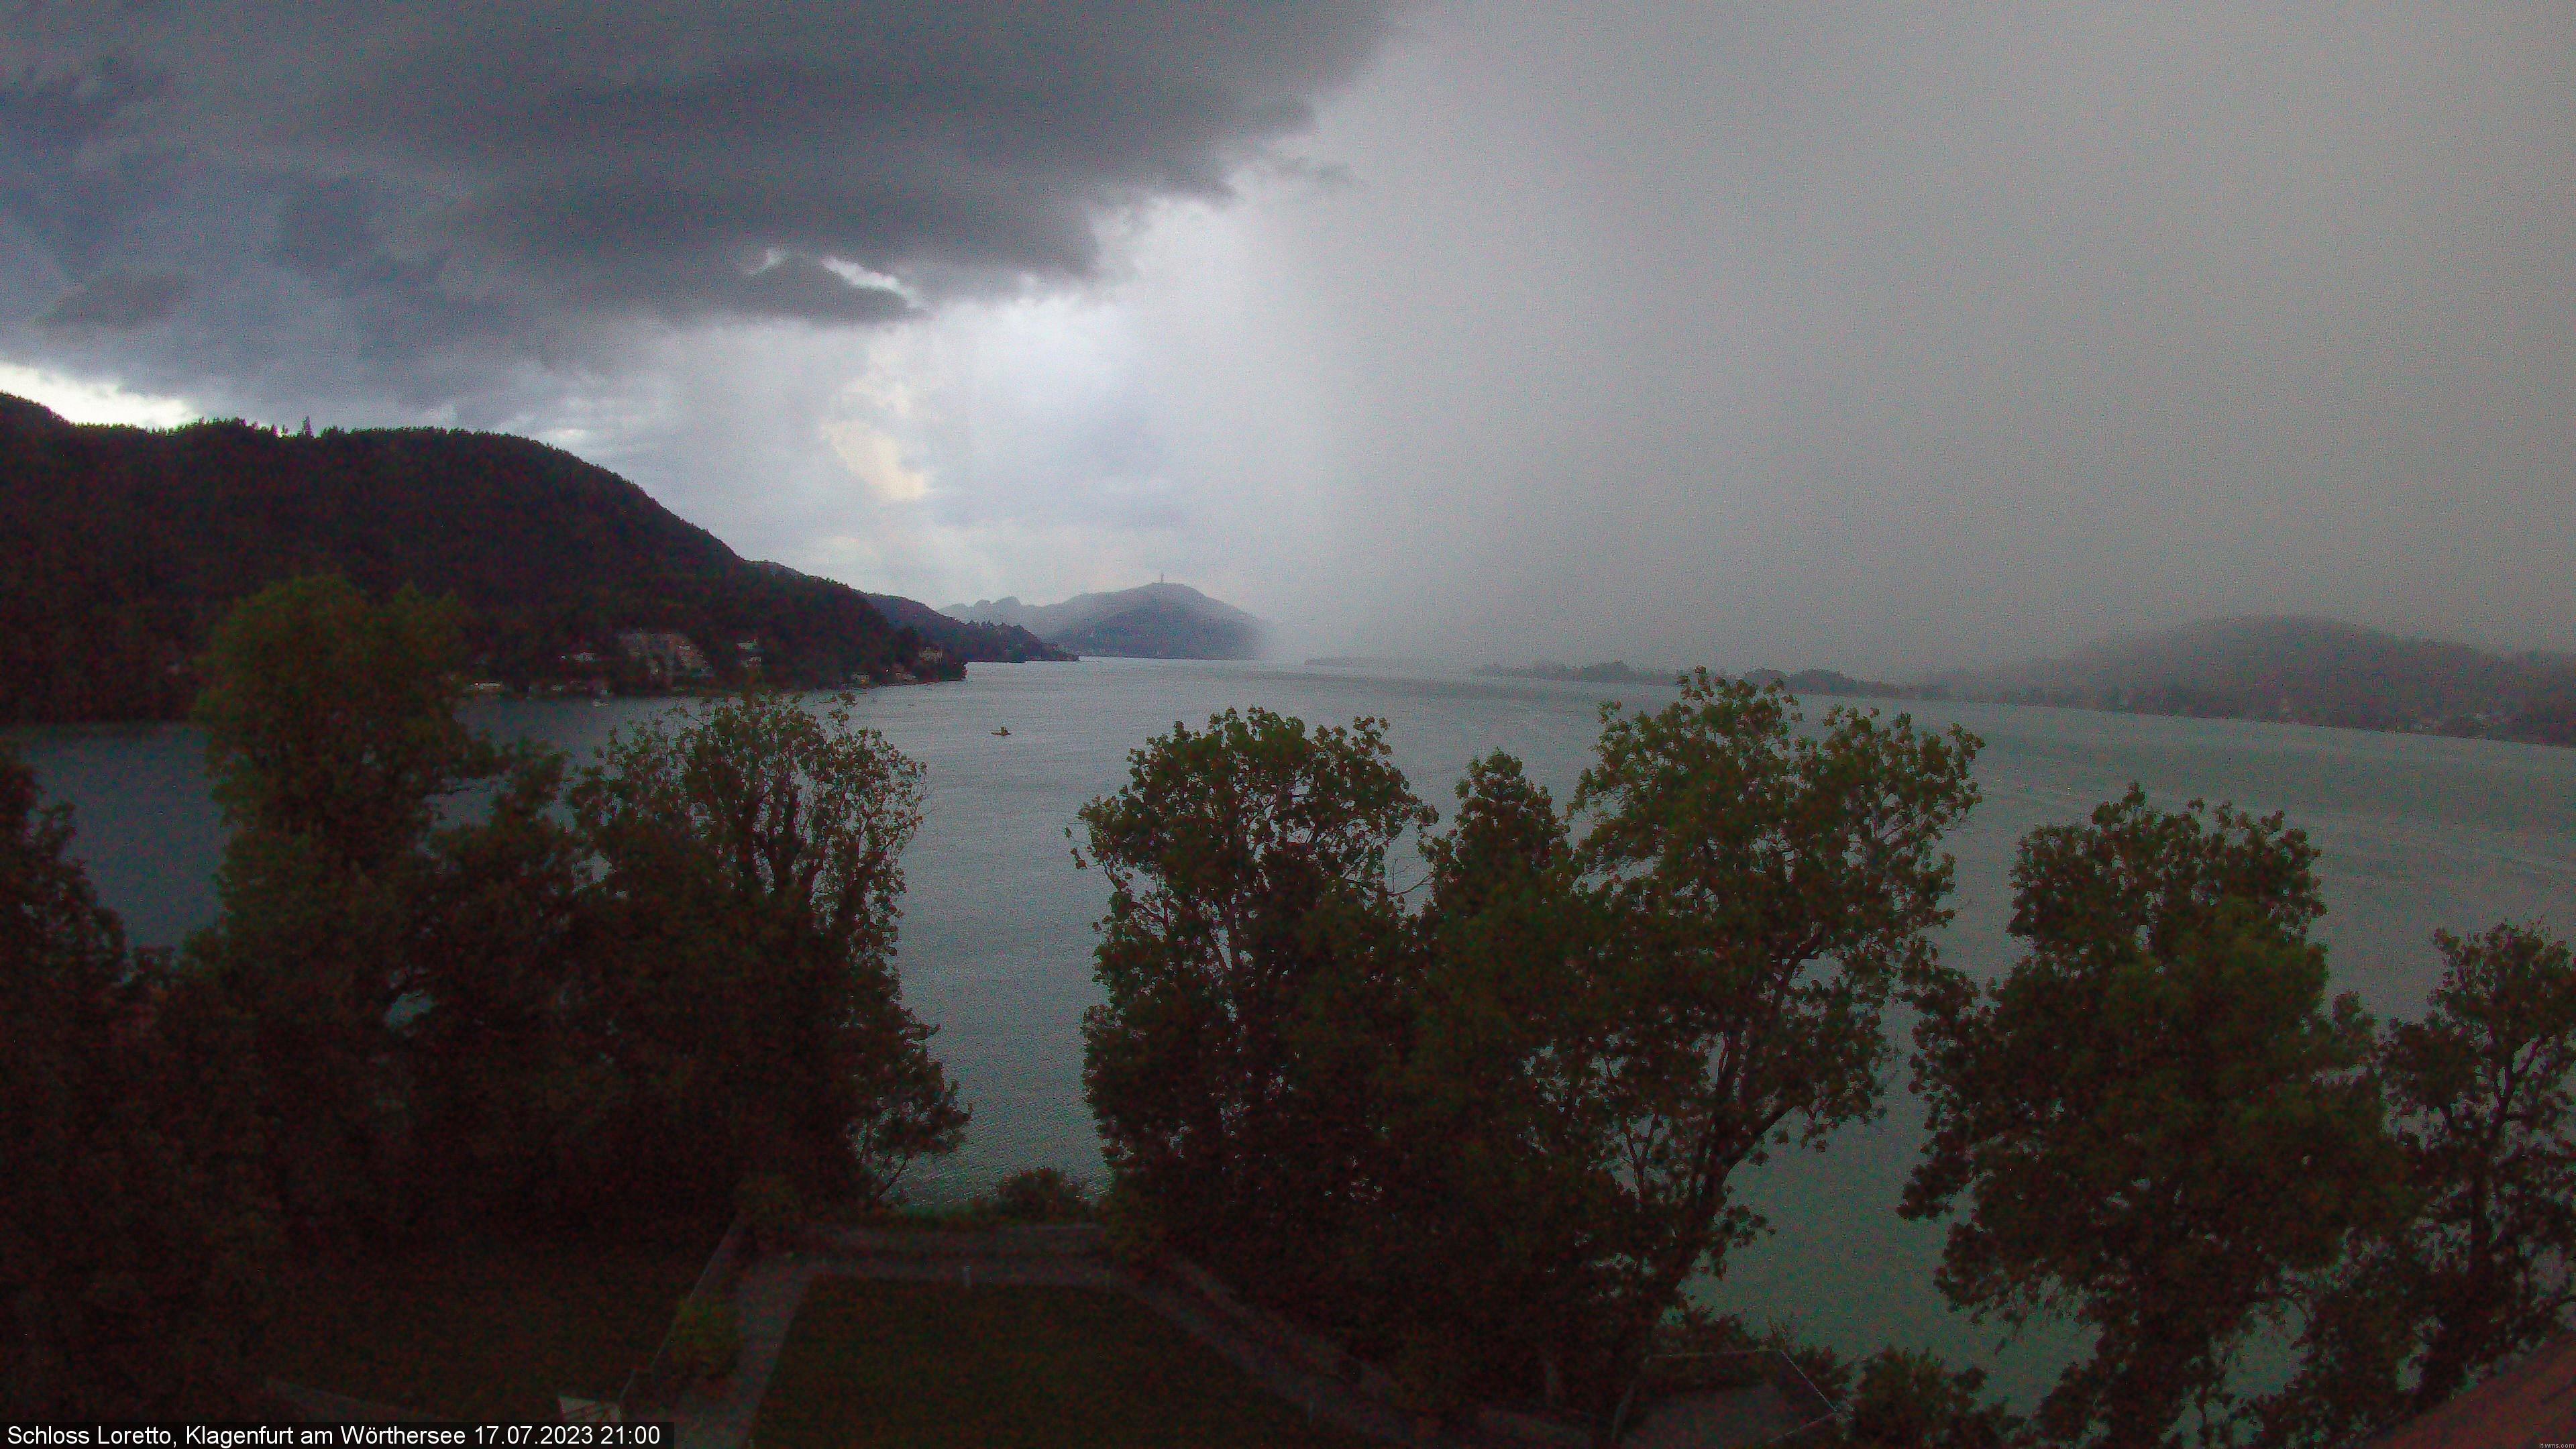 Klagenfurt am Wörthersee – Schloss Loretto Webcam Live